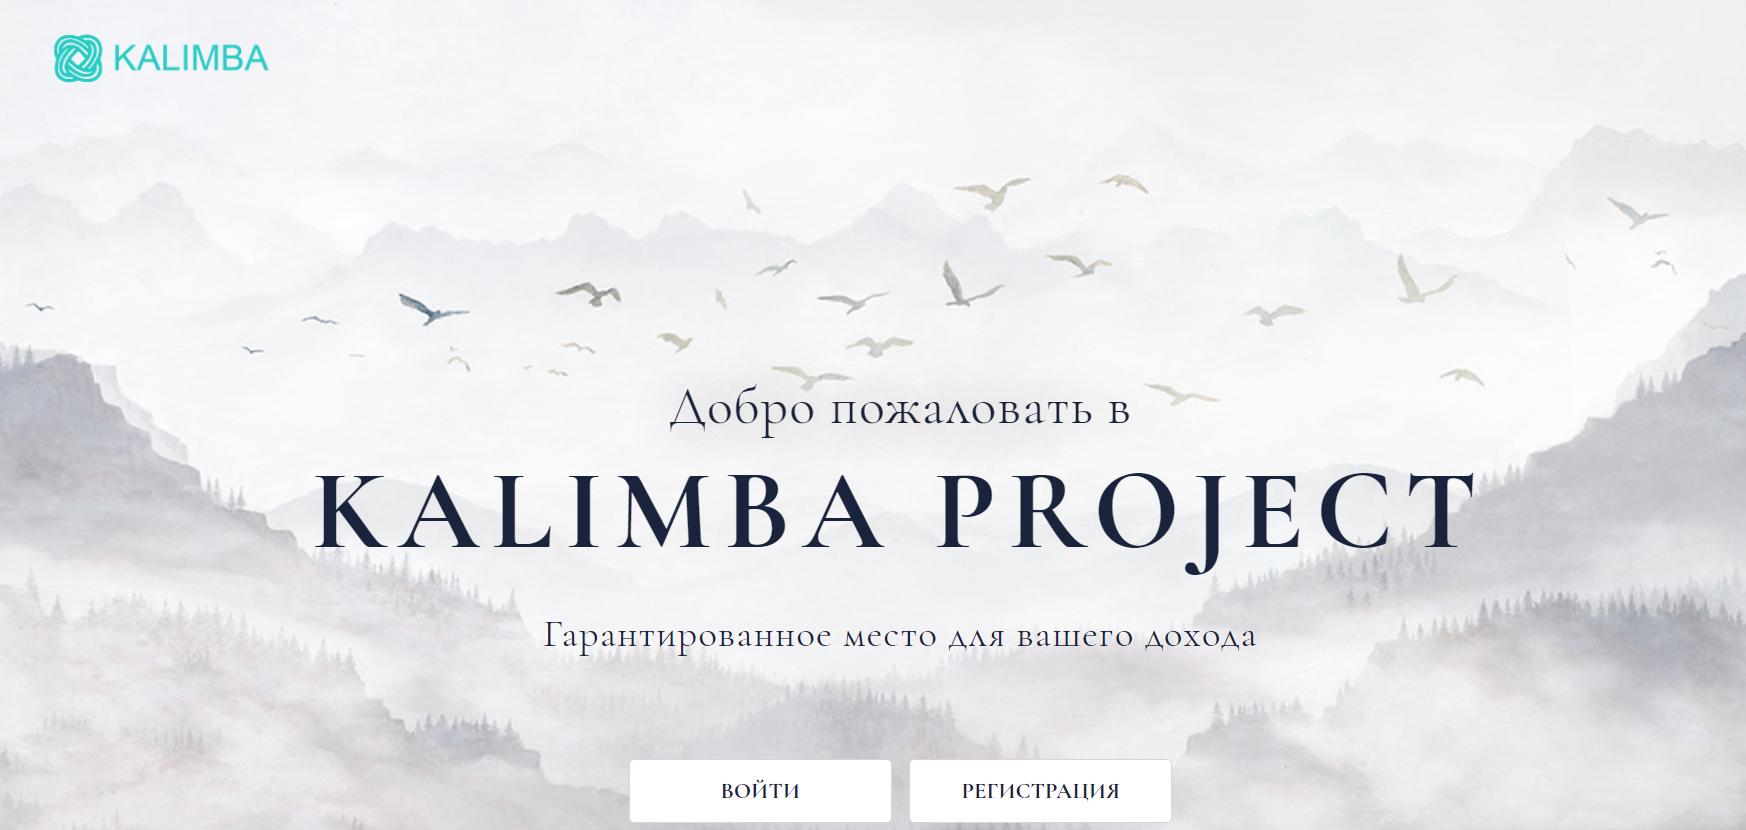 Отзывы о Kalimba, сведения о работе инвестпроекта — Обман? реальные отзывы